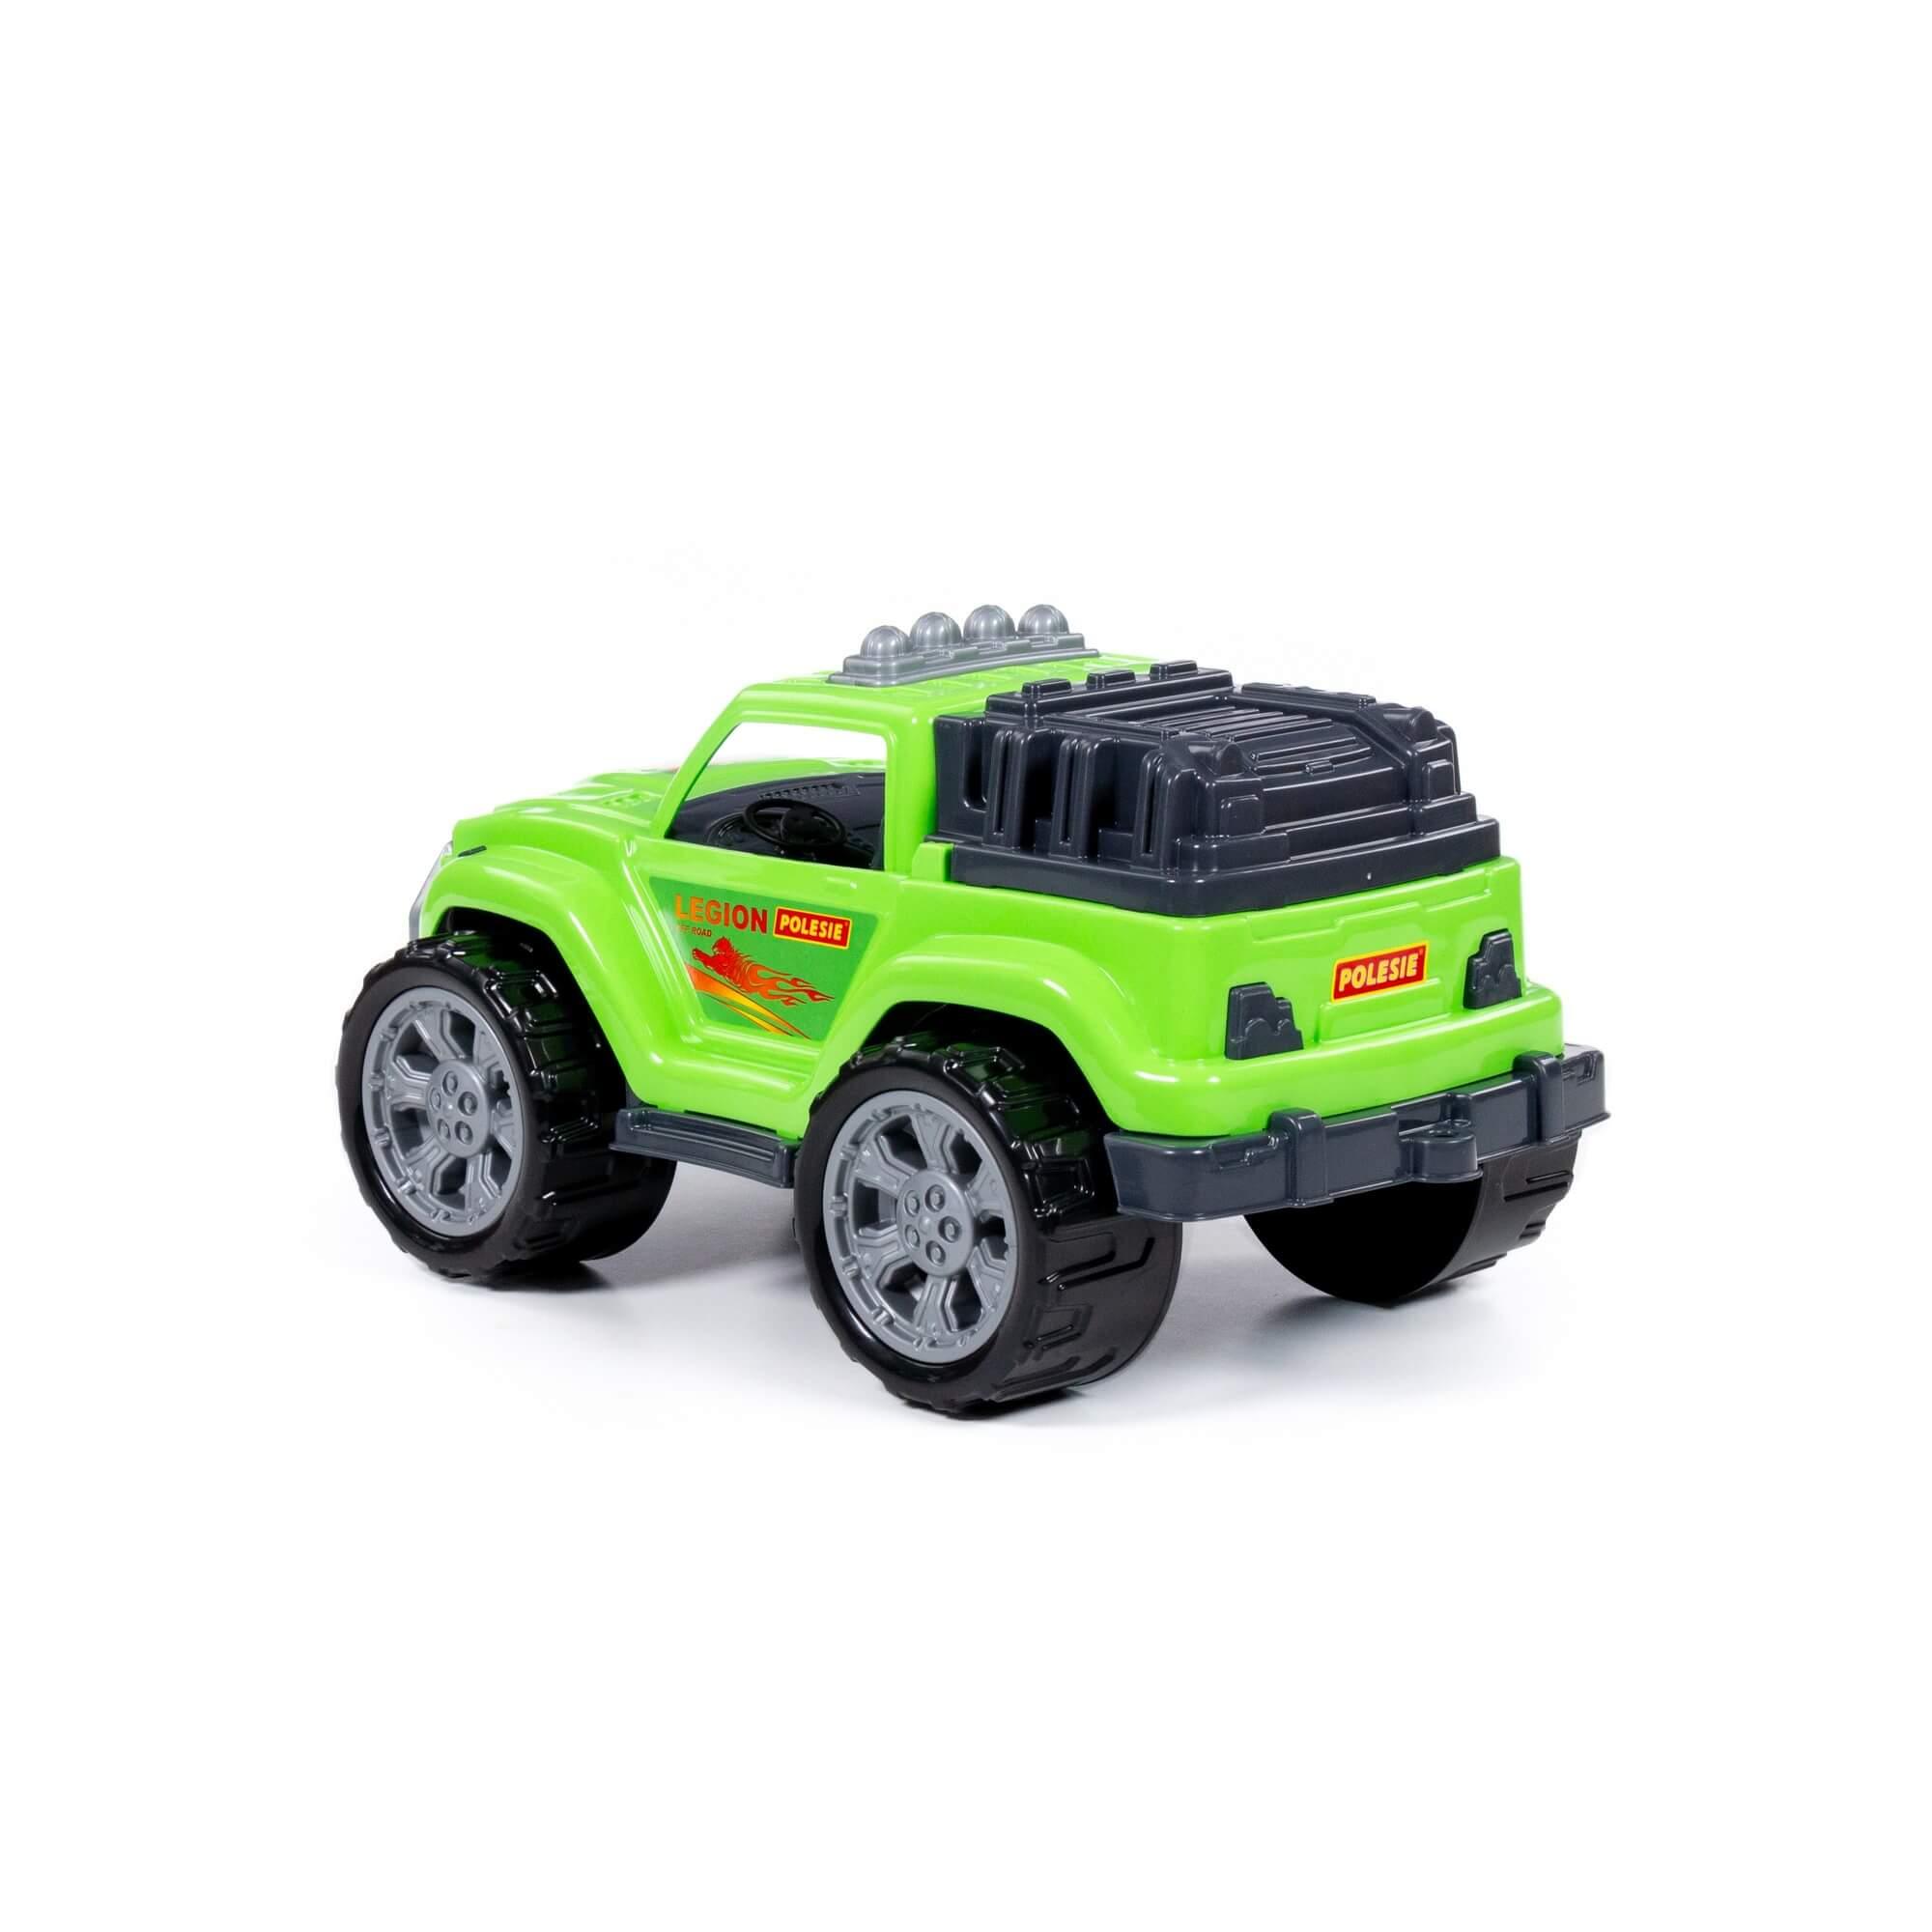 Lejyon, otomobil No:4 (yeşil) (filede) Ref. 89076 - photo #3